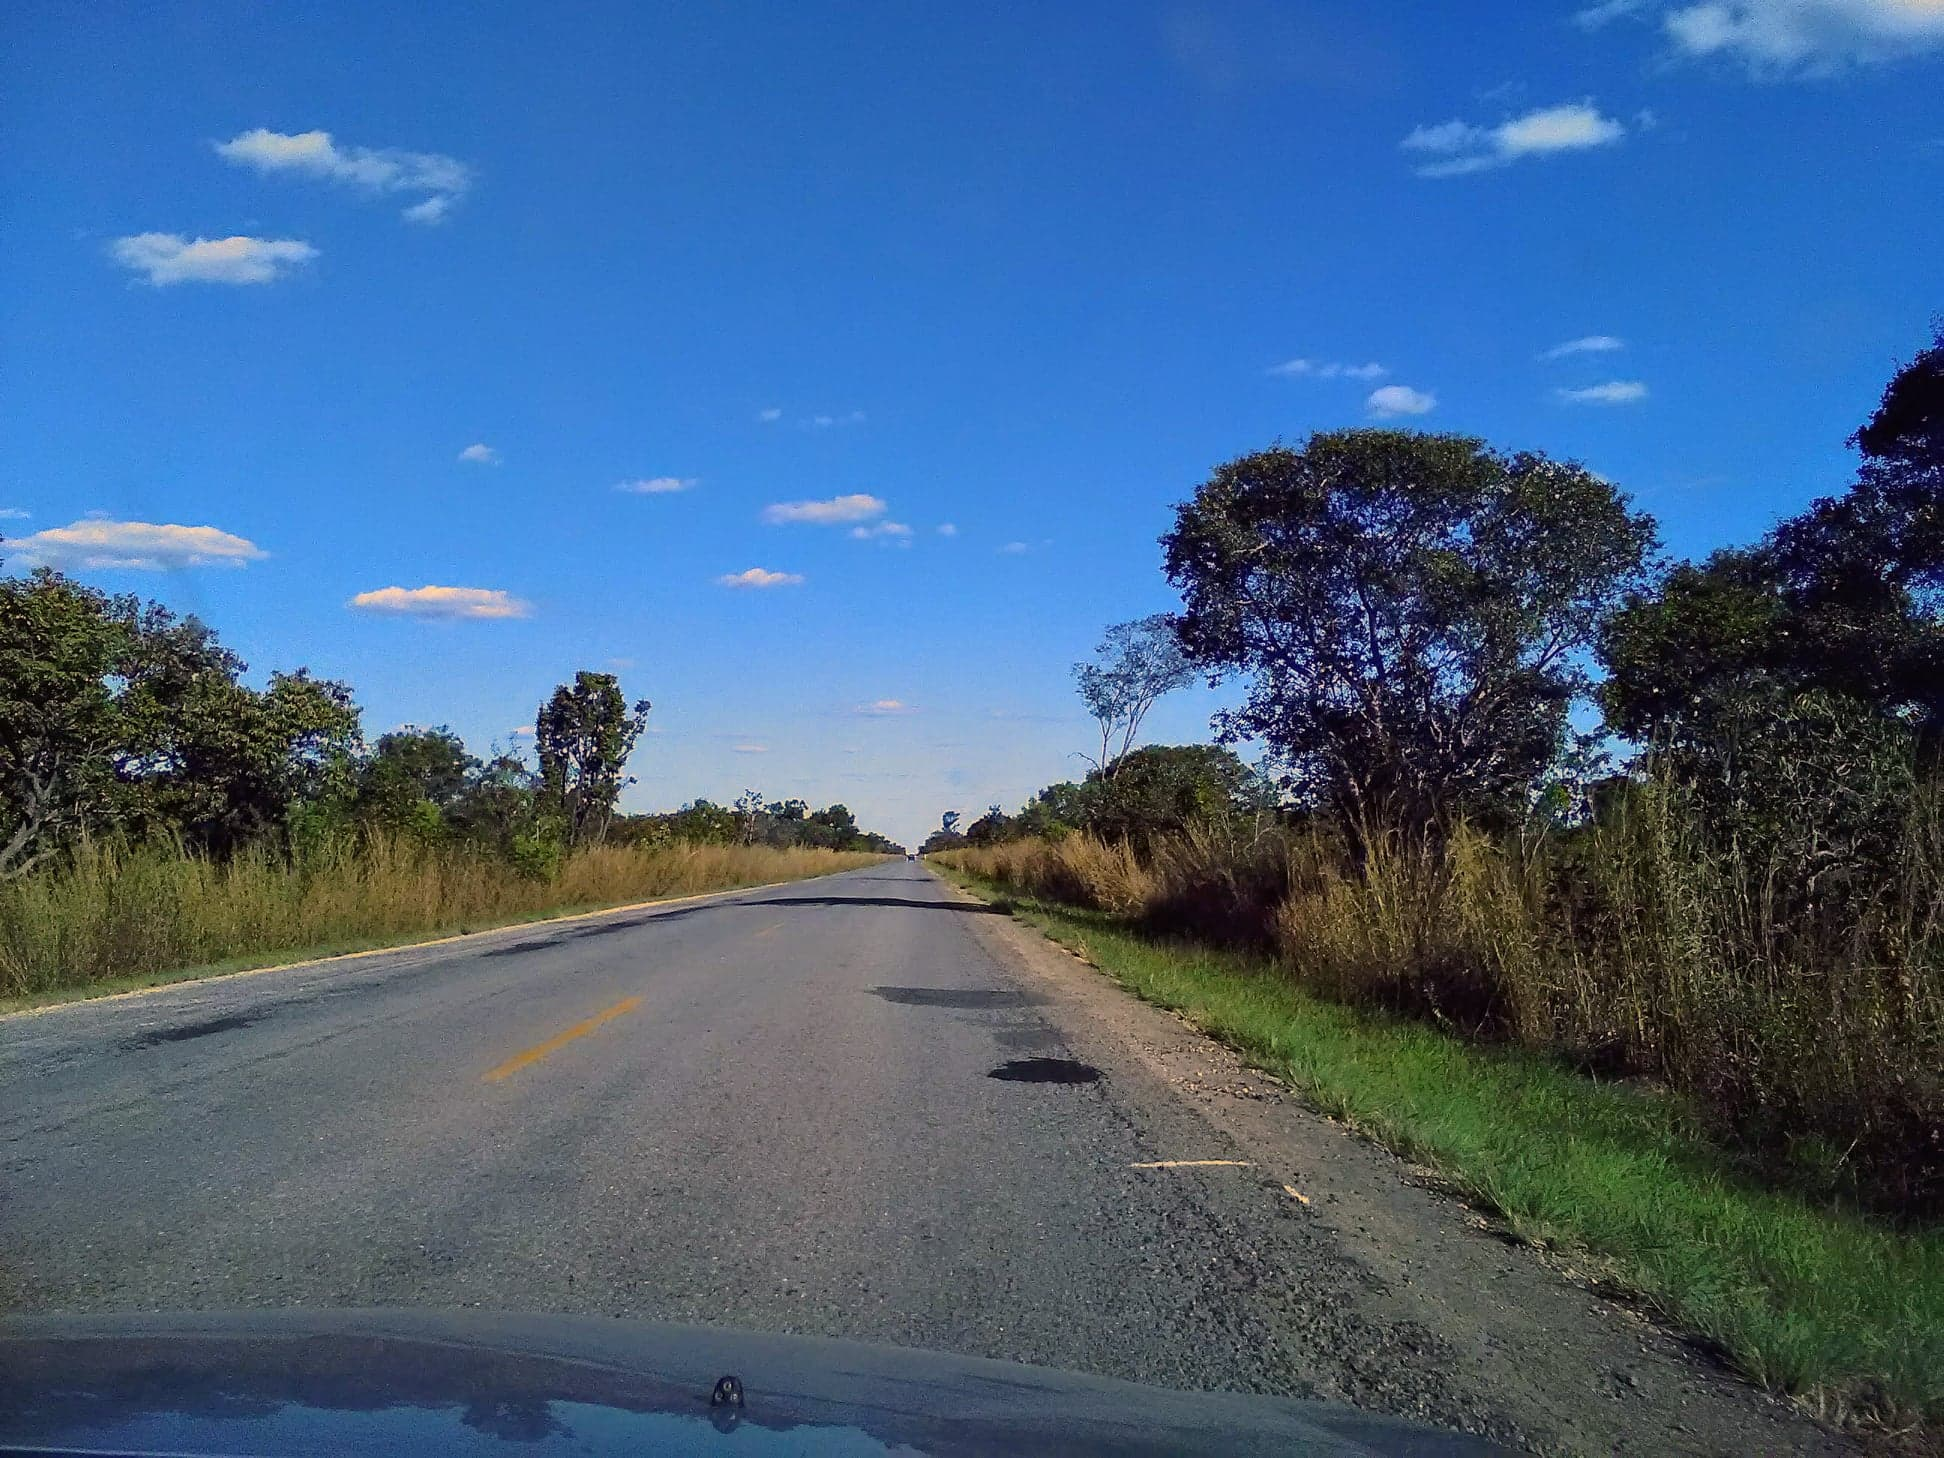 Y-de-weg-vanaf-het-park-naar-de-grote-weg-was-28-km-kaarst-rechtdoor.--3